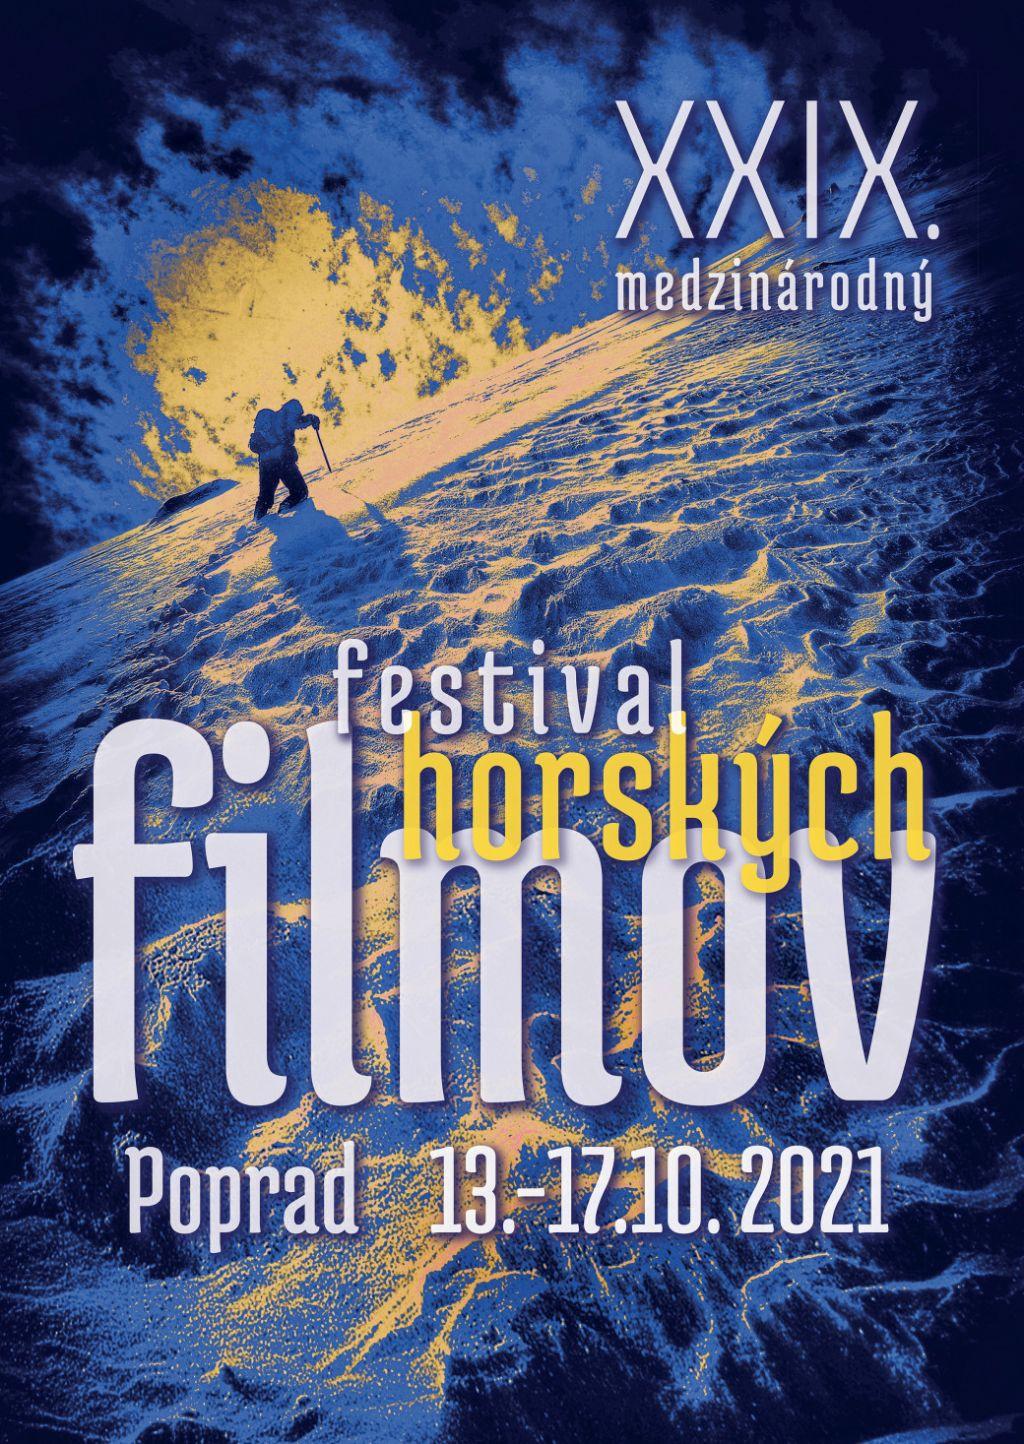 Medzinárodný festival horských filmov 2021 | spisskanovaves.eu